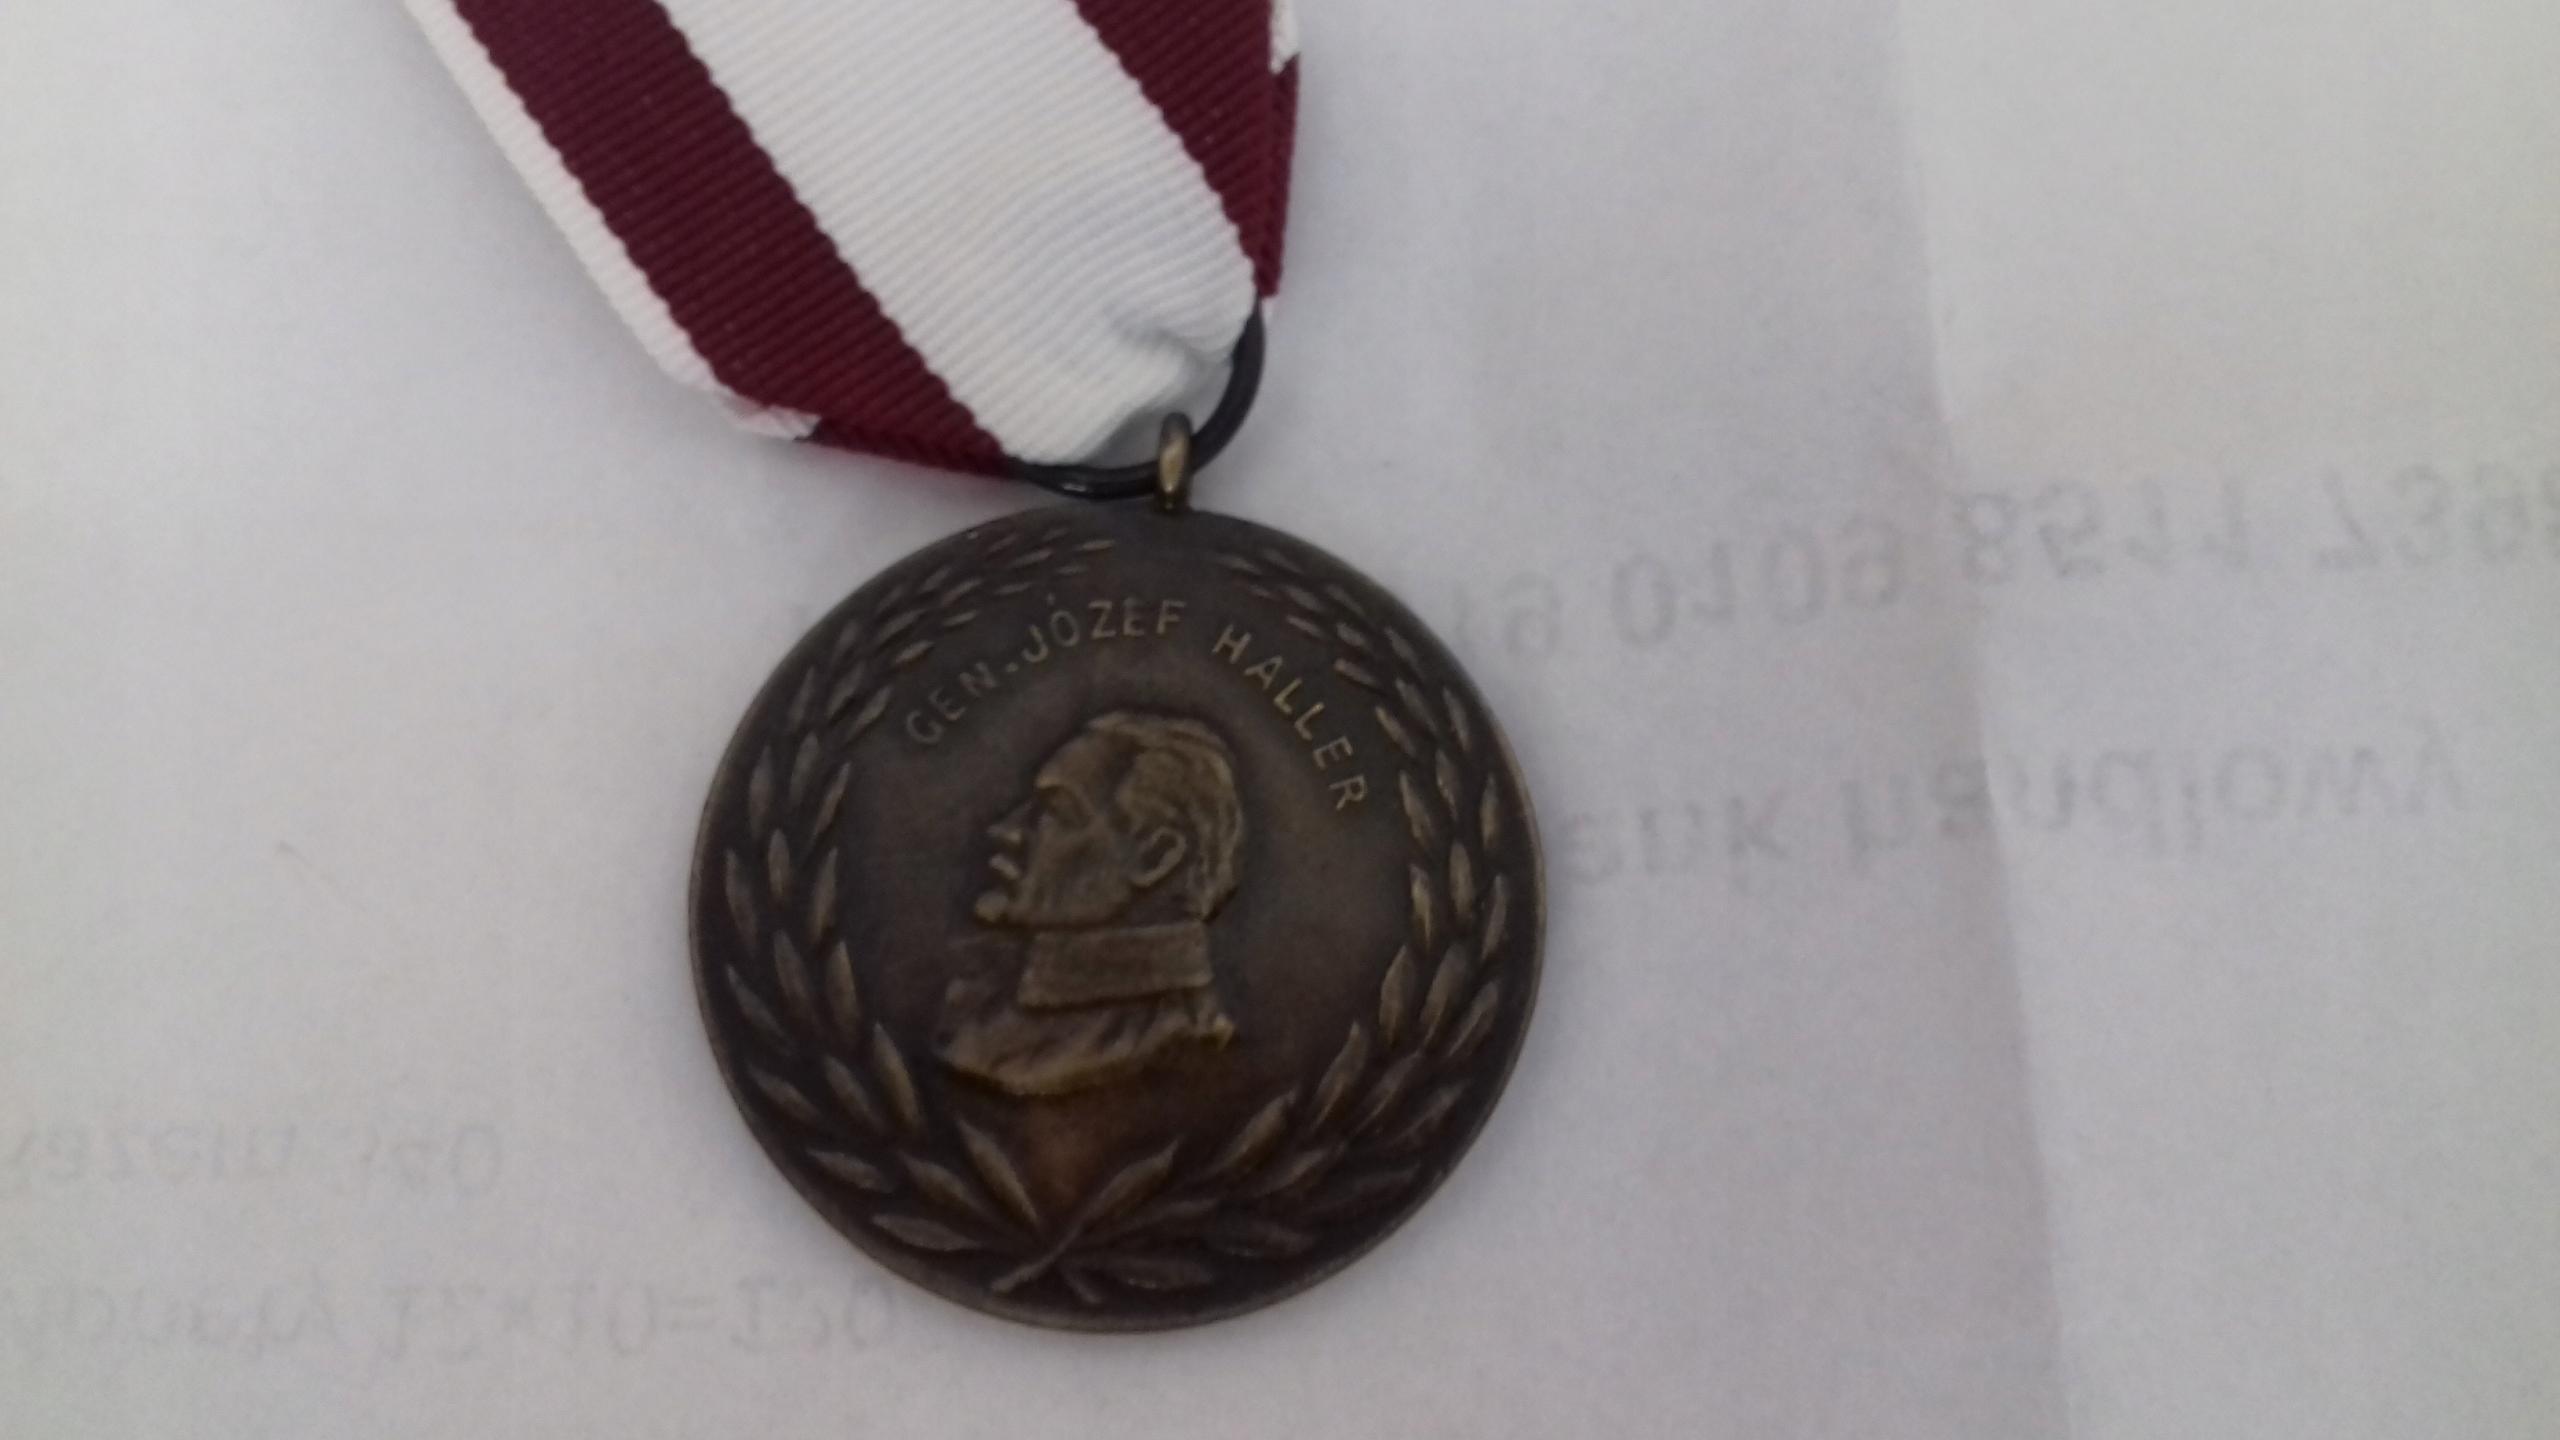 Hallera gen. Medal weteranów